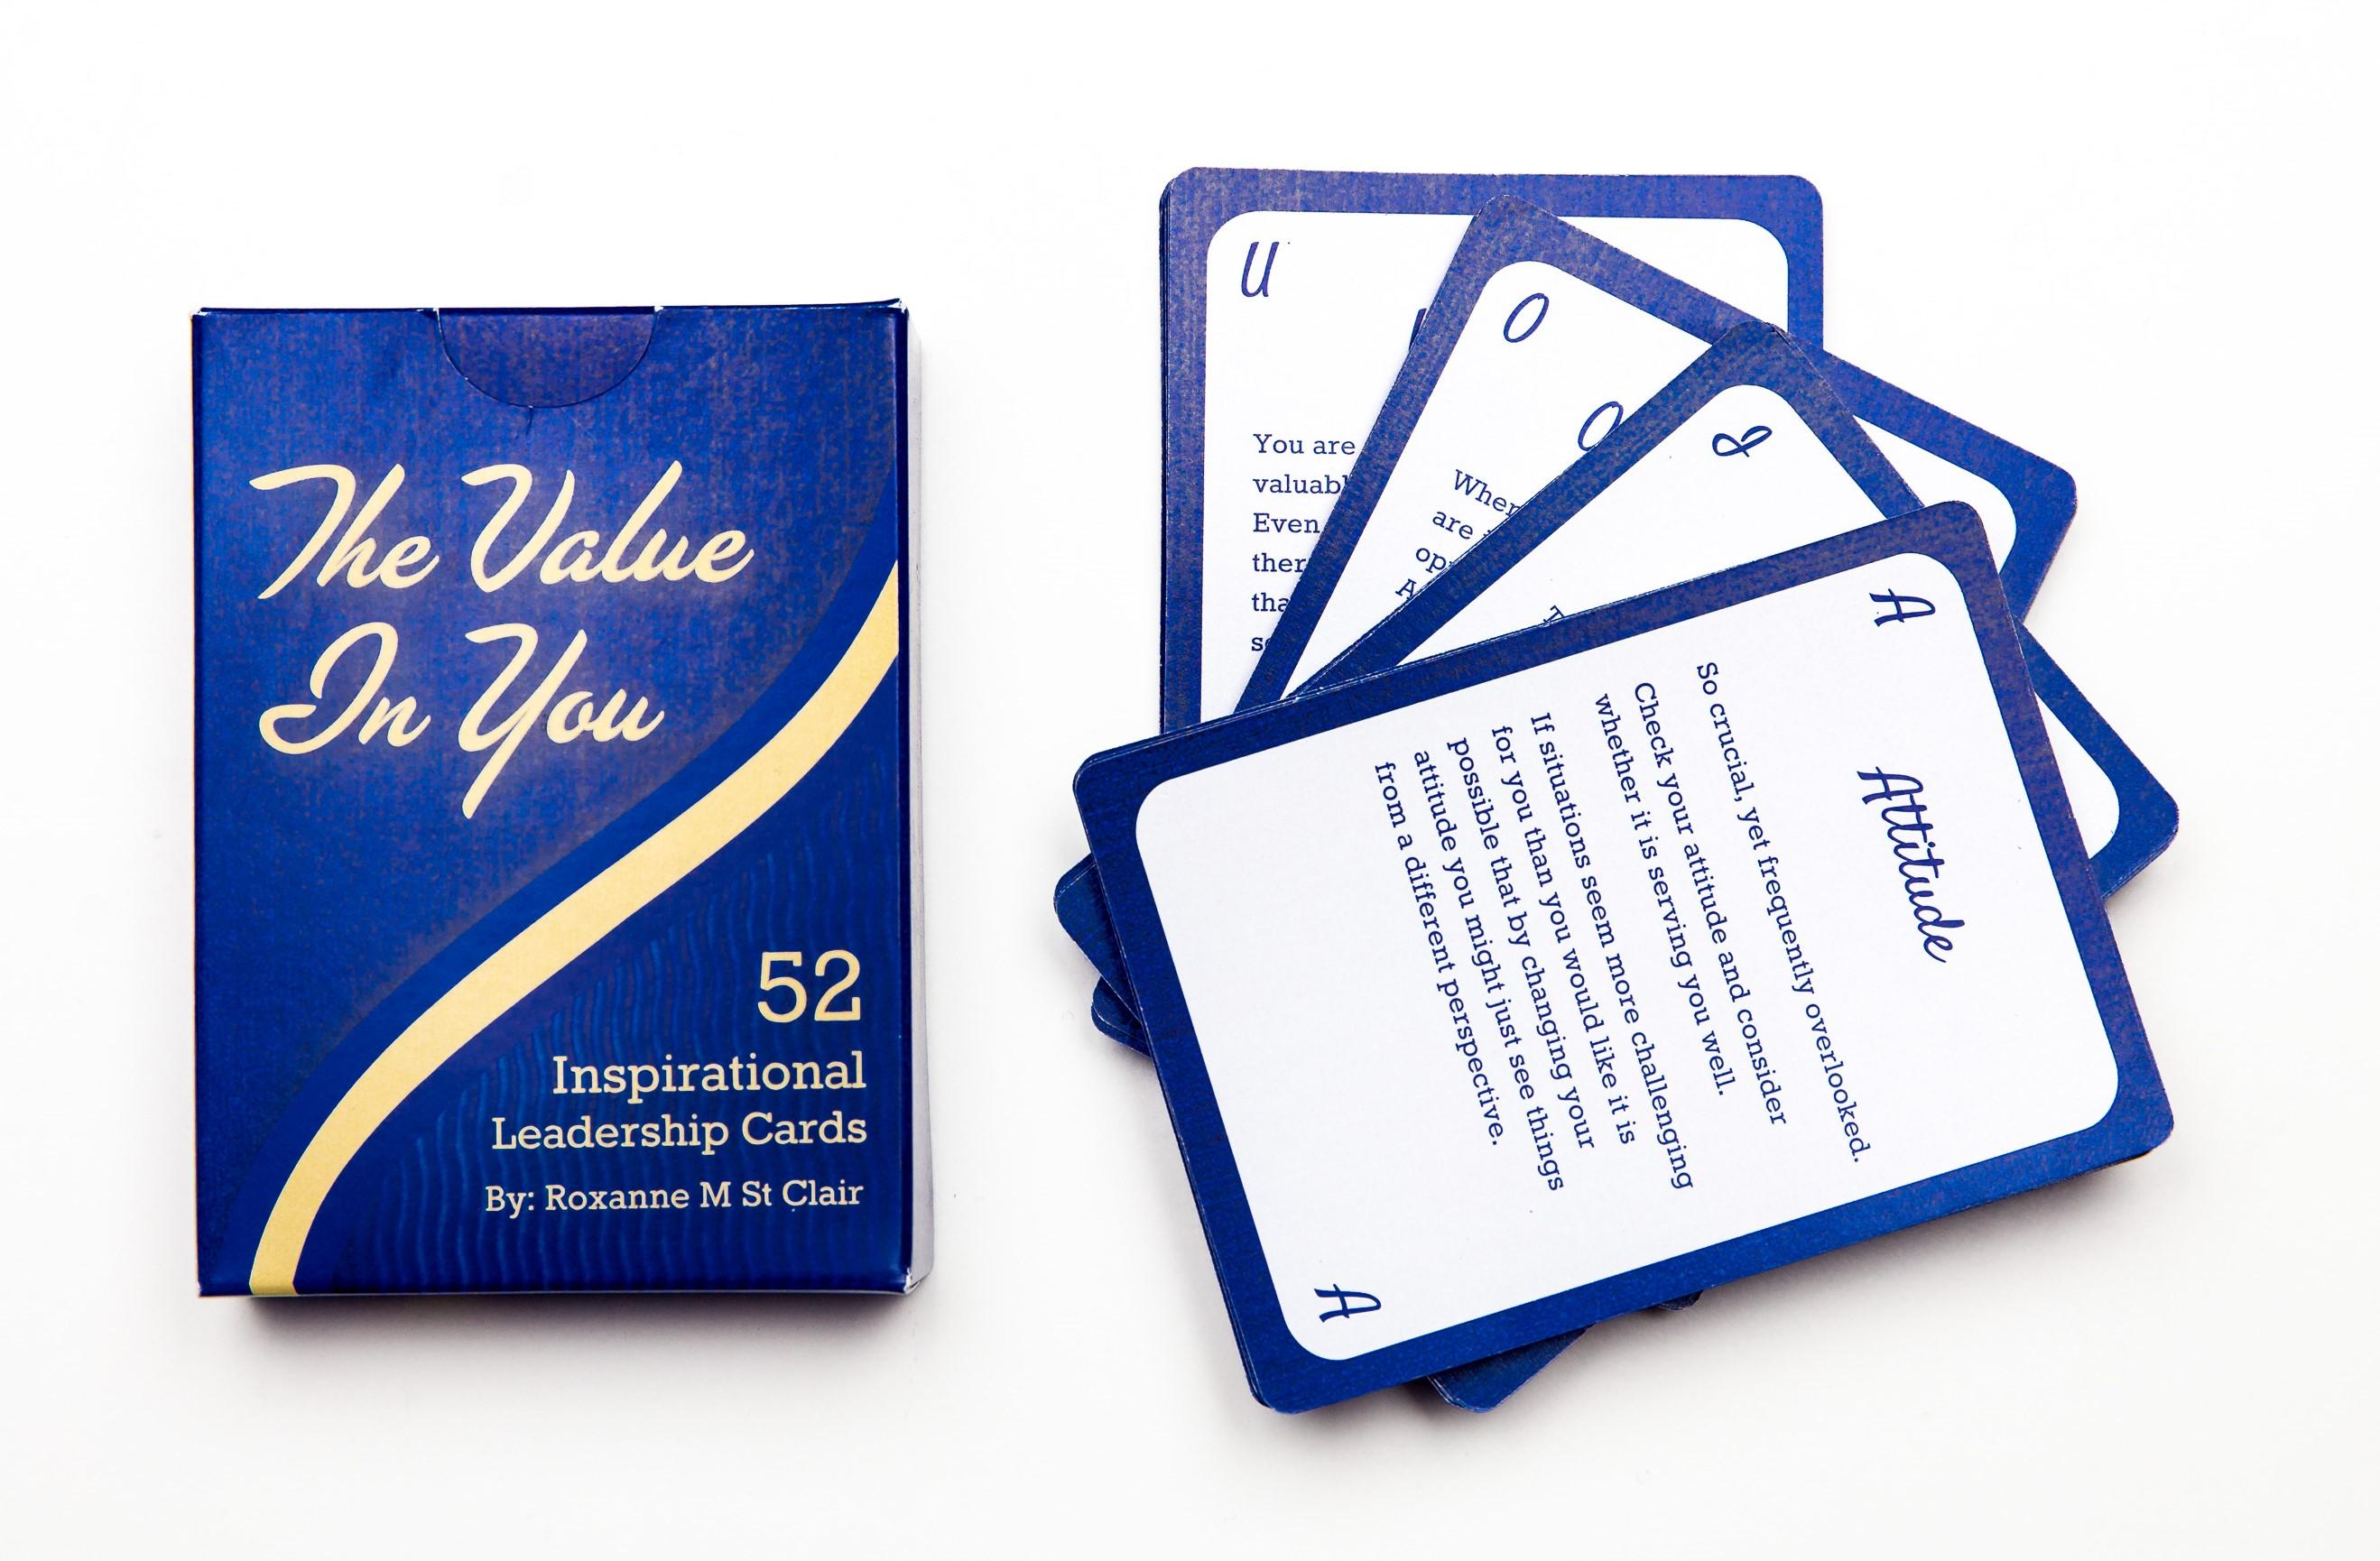 JTP-The Value In You-7910_crop_v2